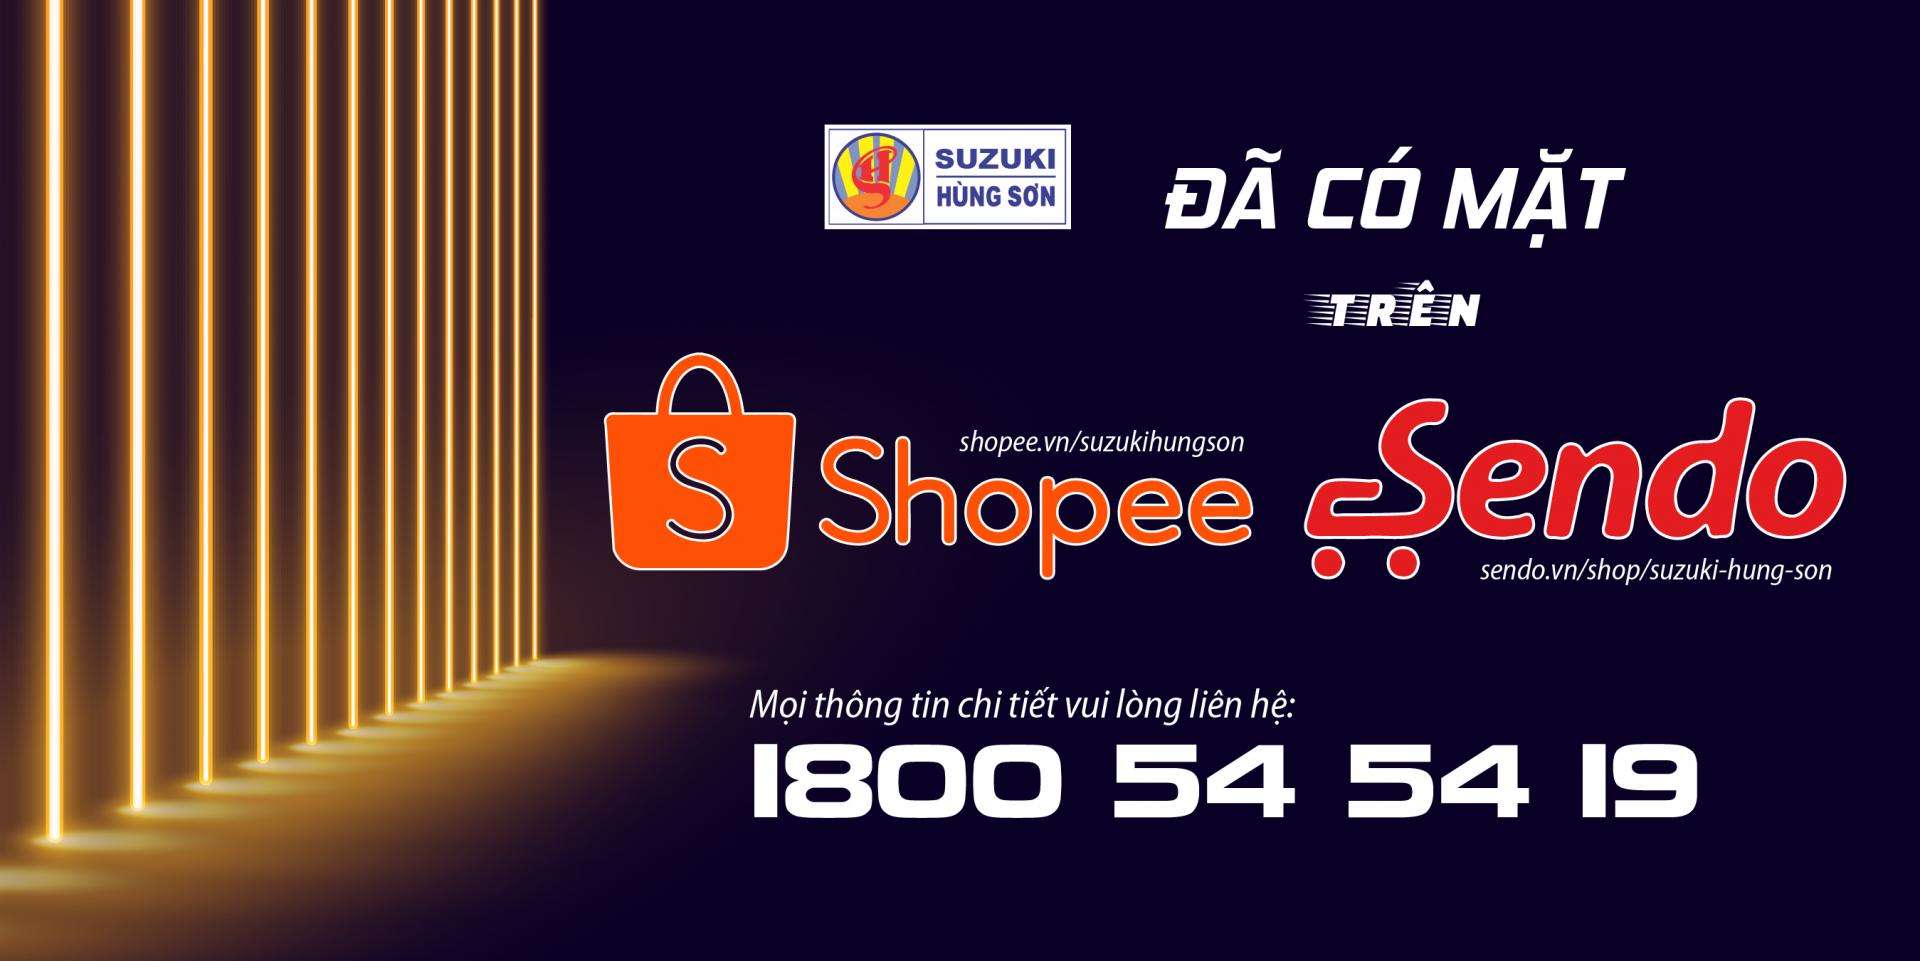 Banner web Sendo-Shopee